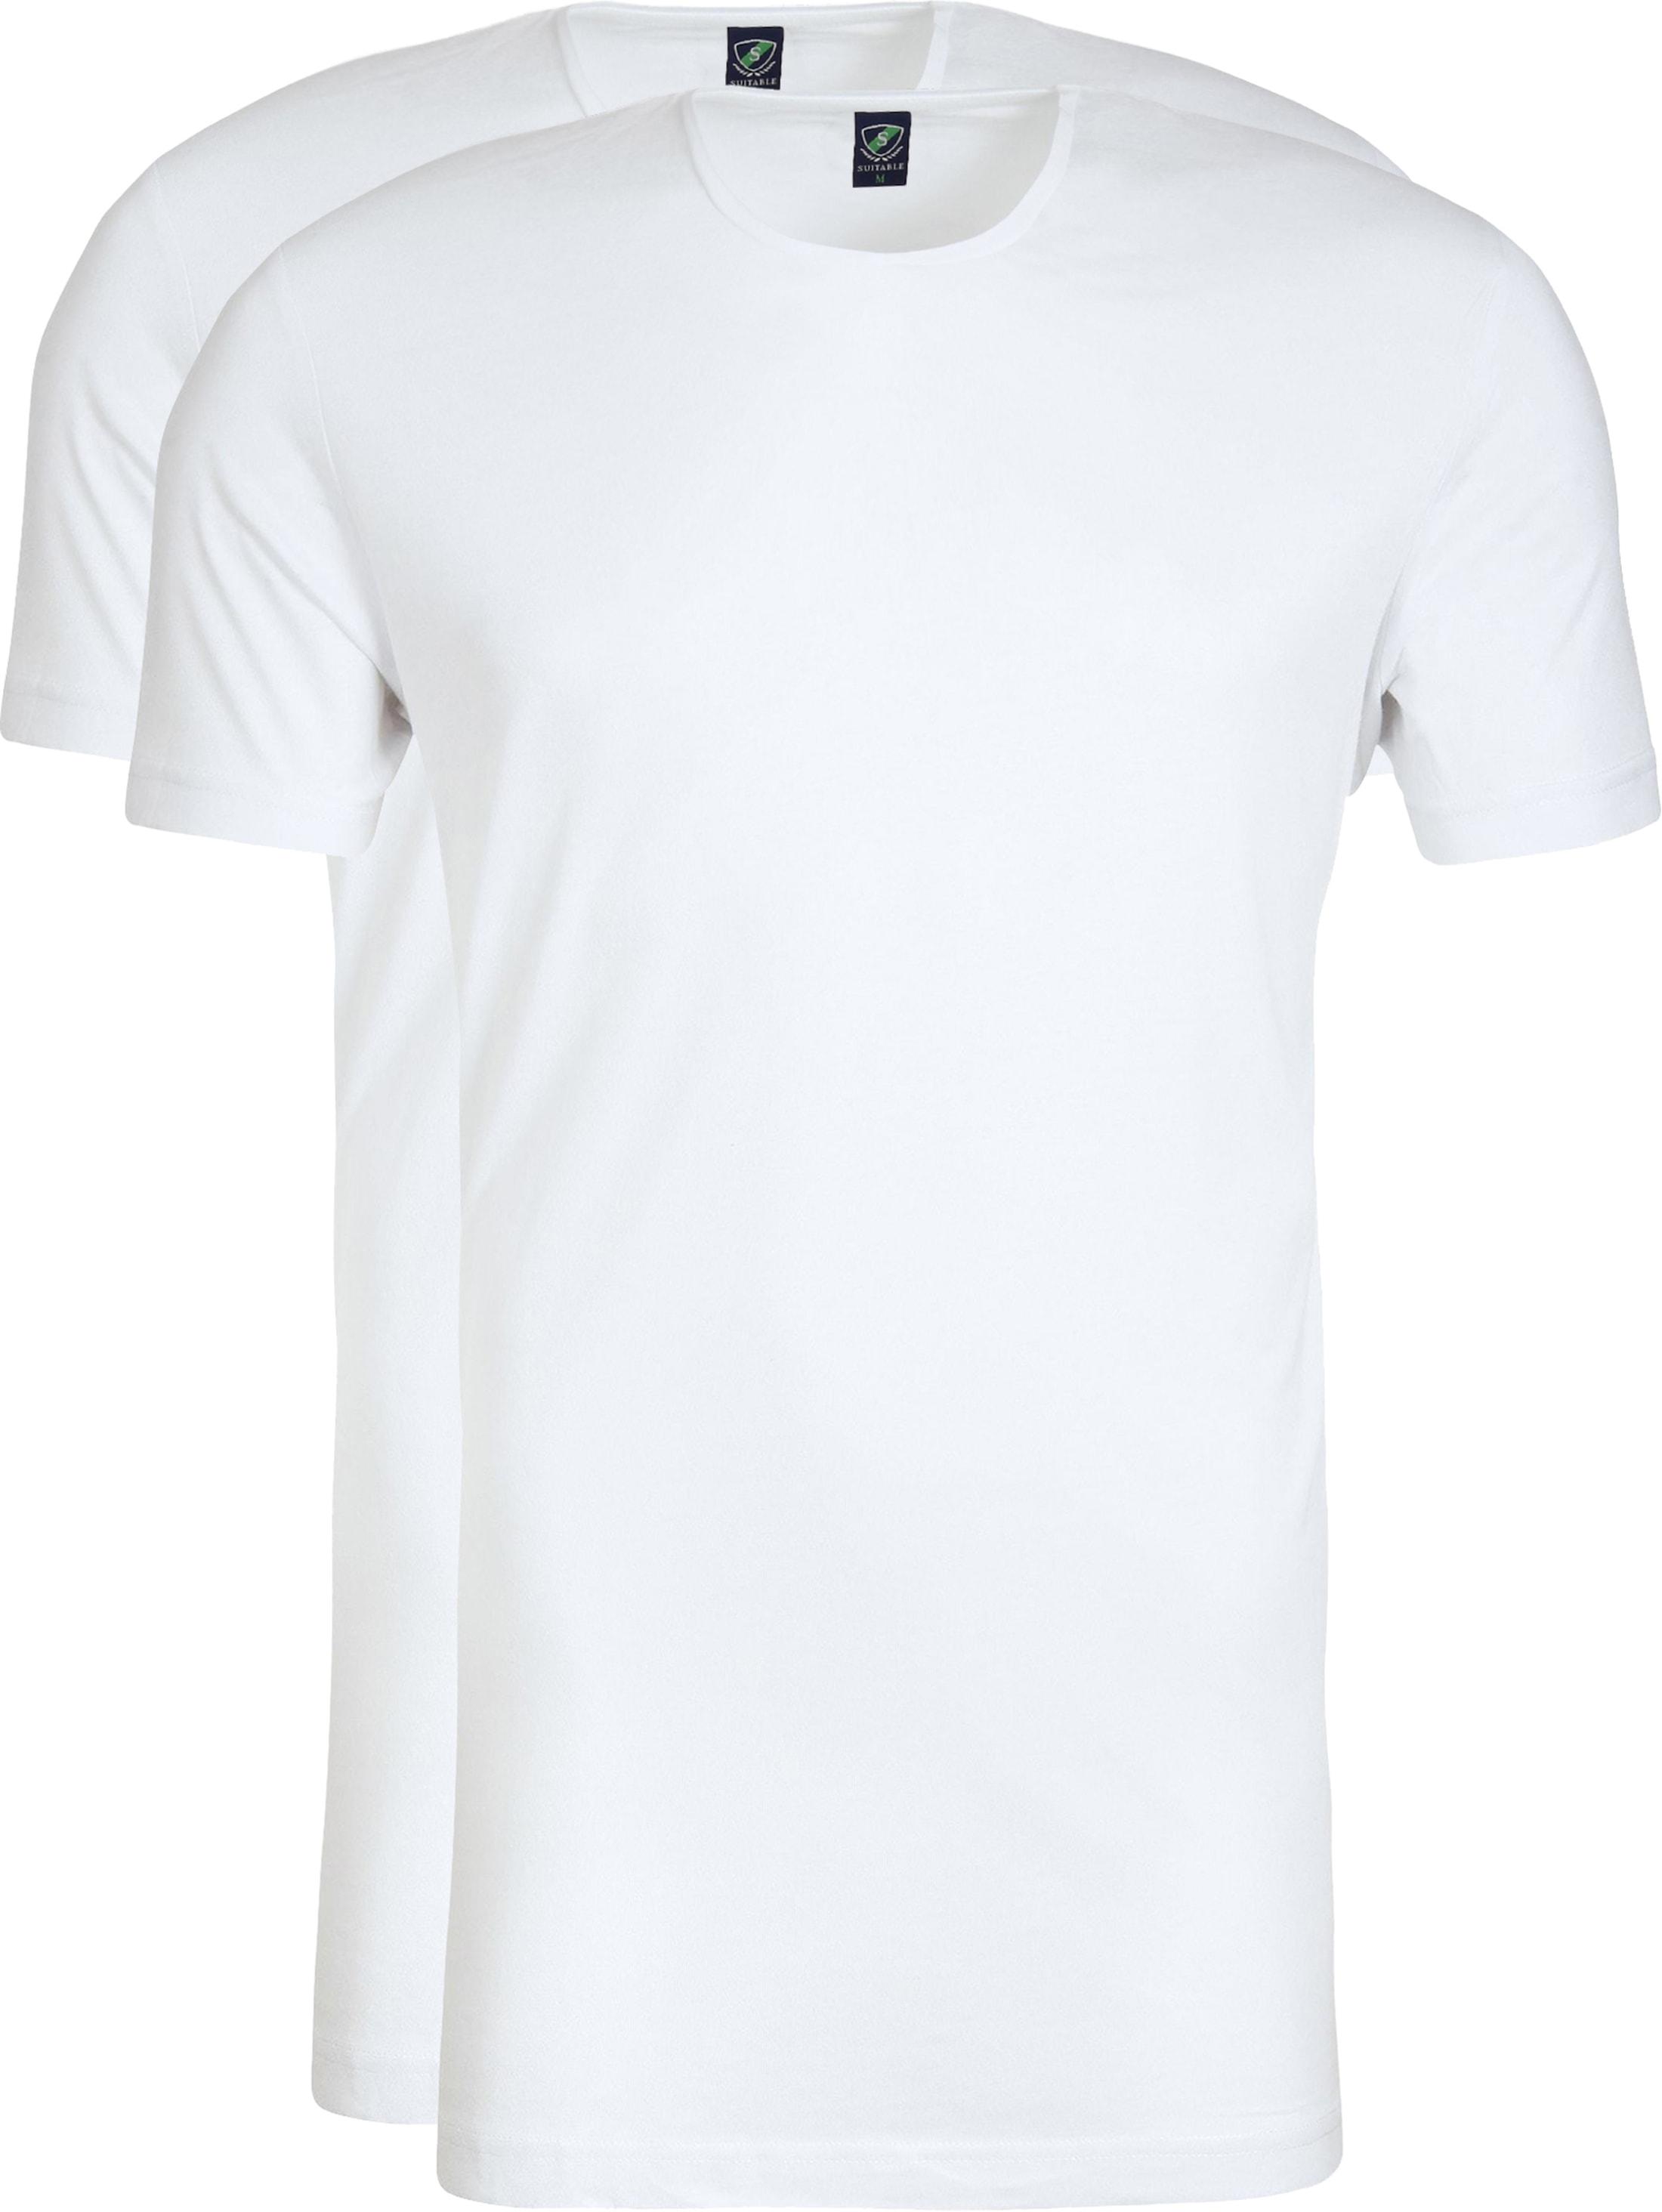 O-Ausschnitt 2er Pack Bambus T-Shirt Weiß